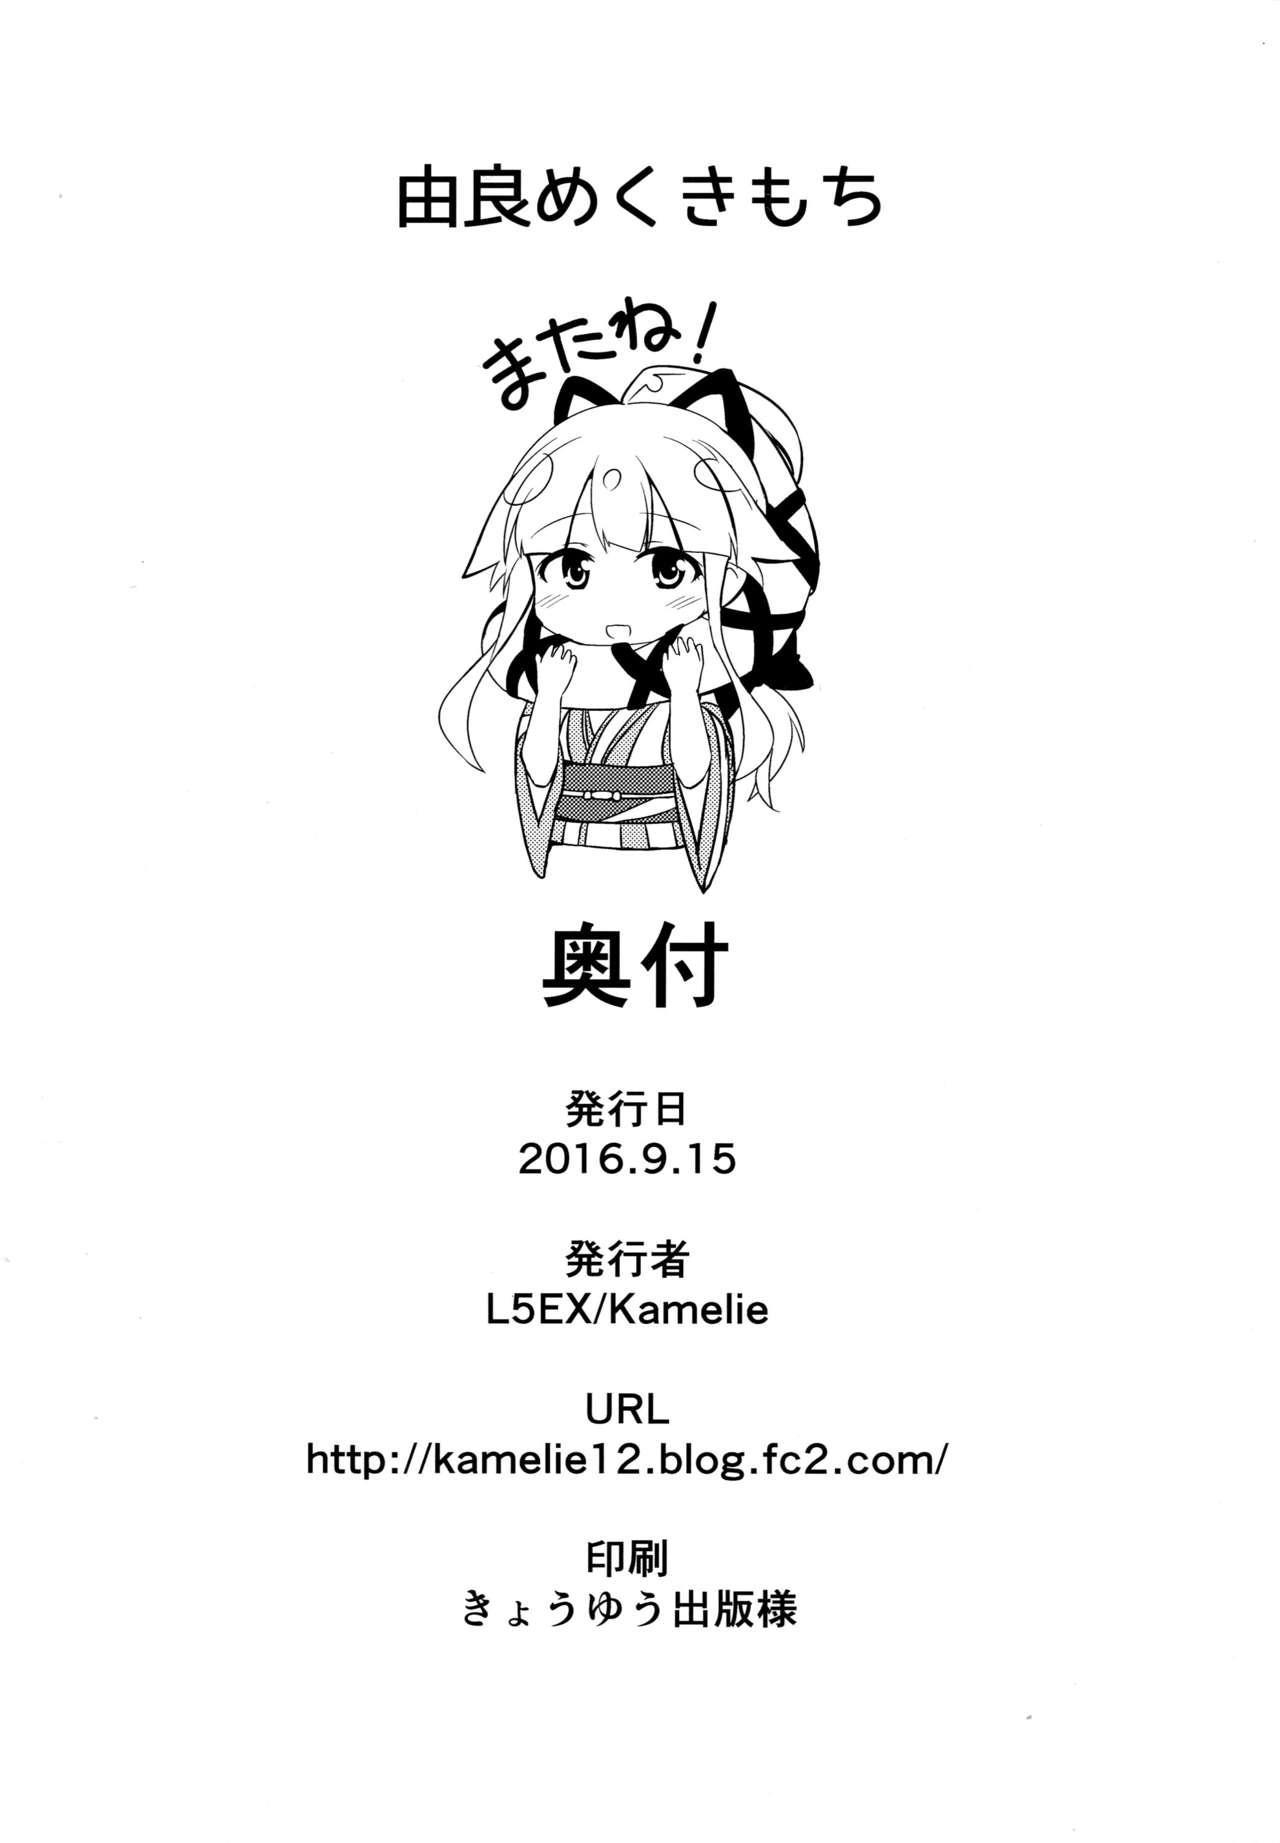 Yura meku Kimochi   由良搖曳不定 17